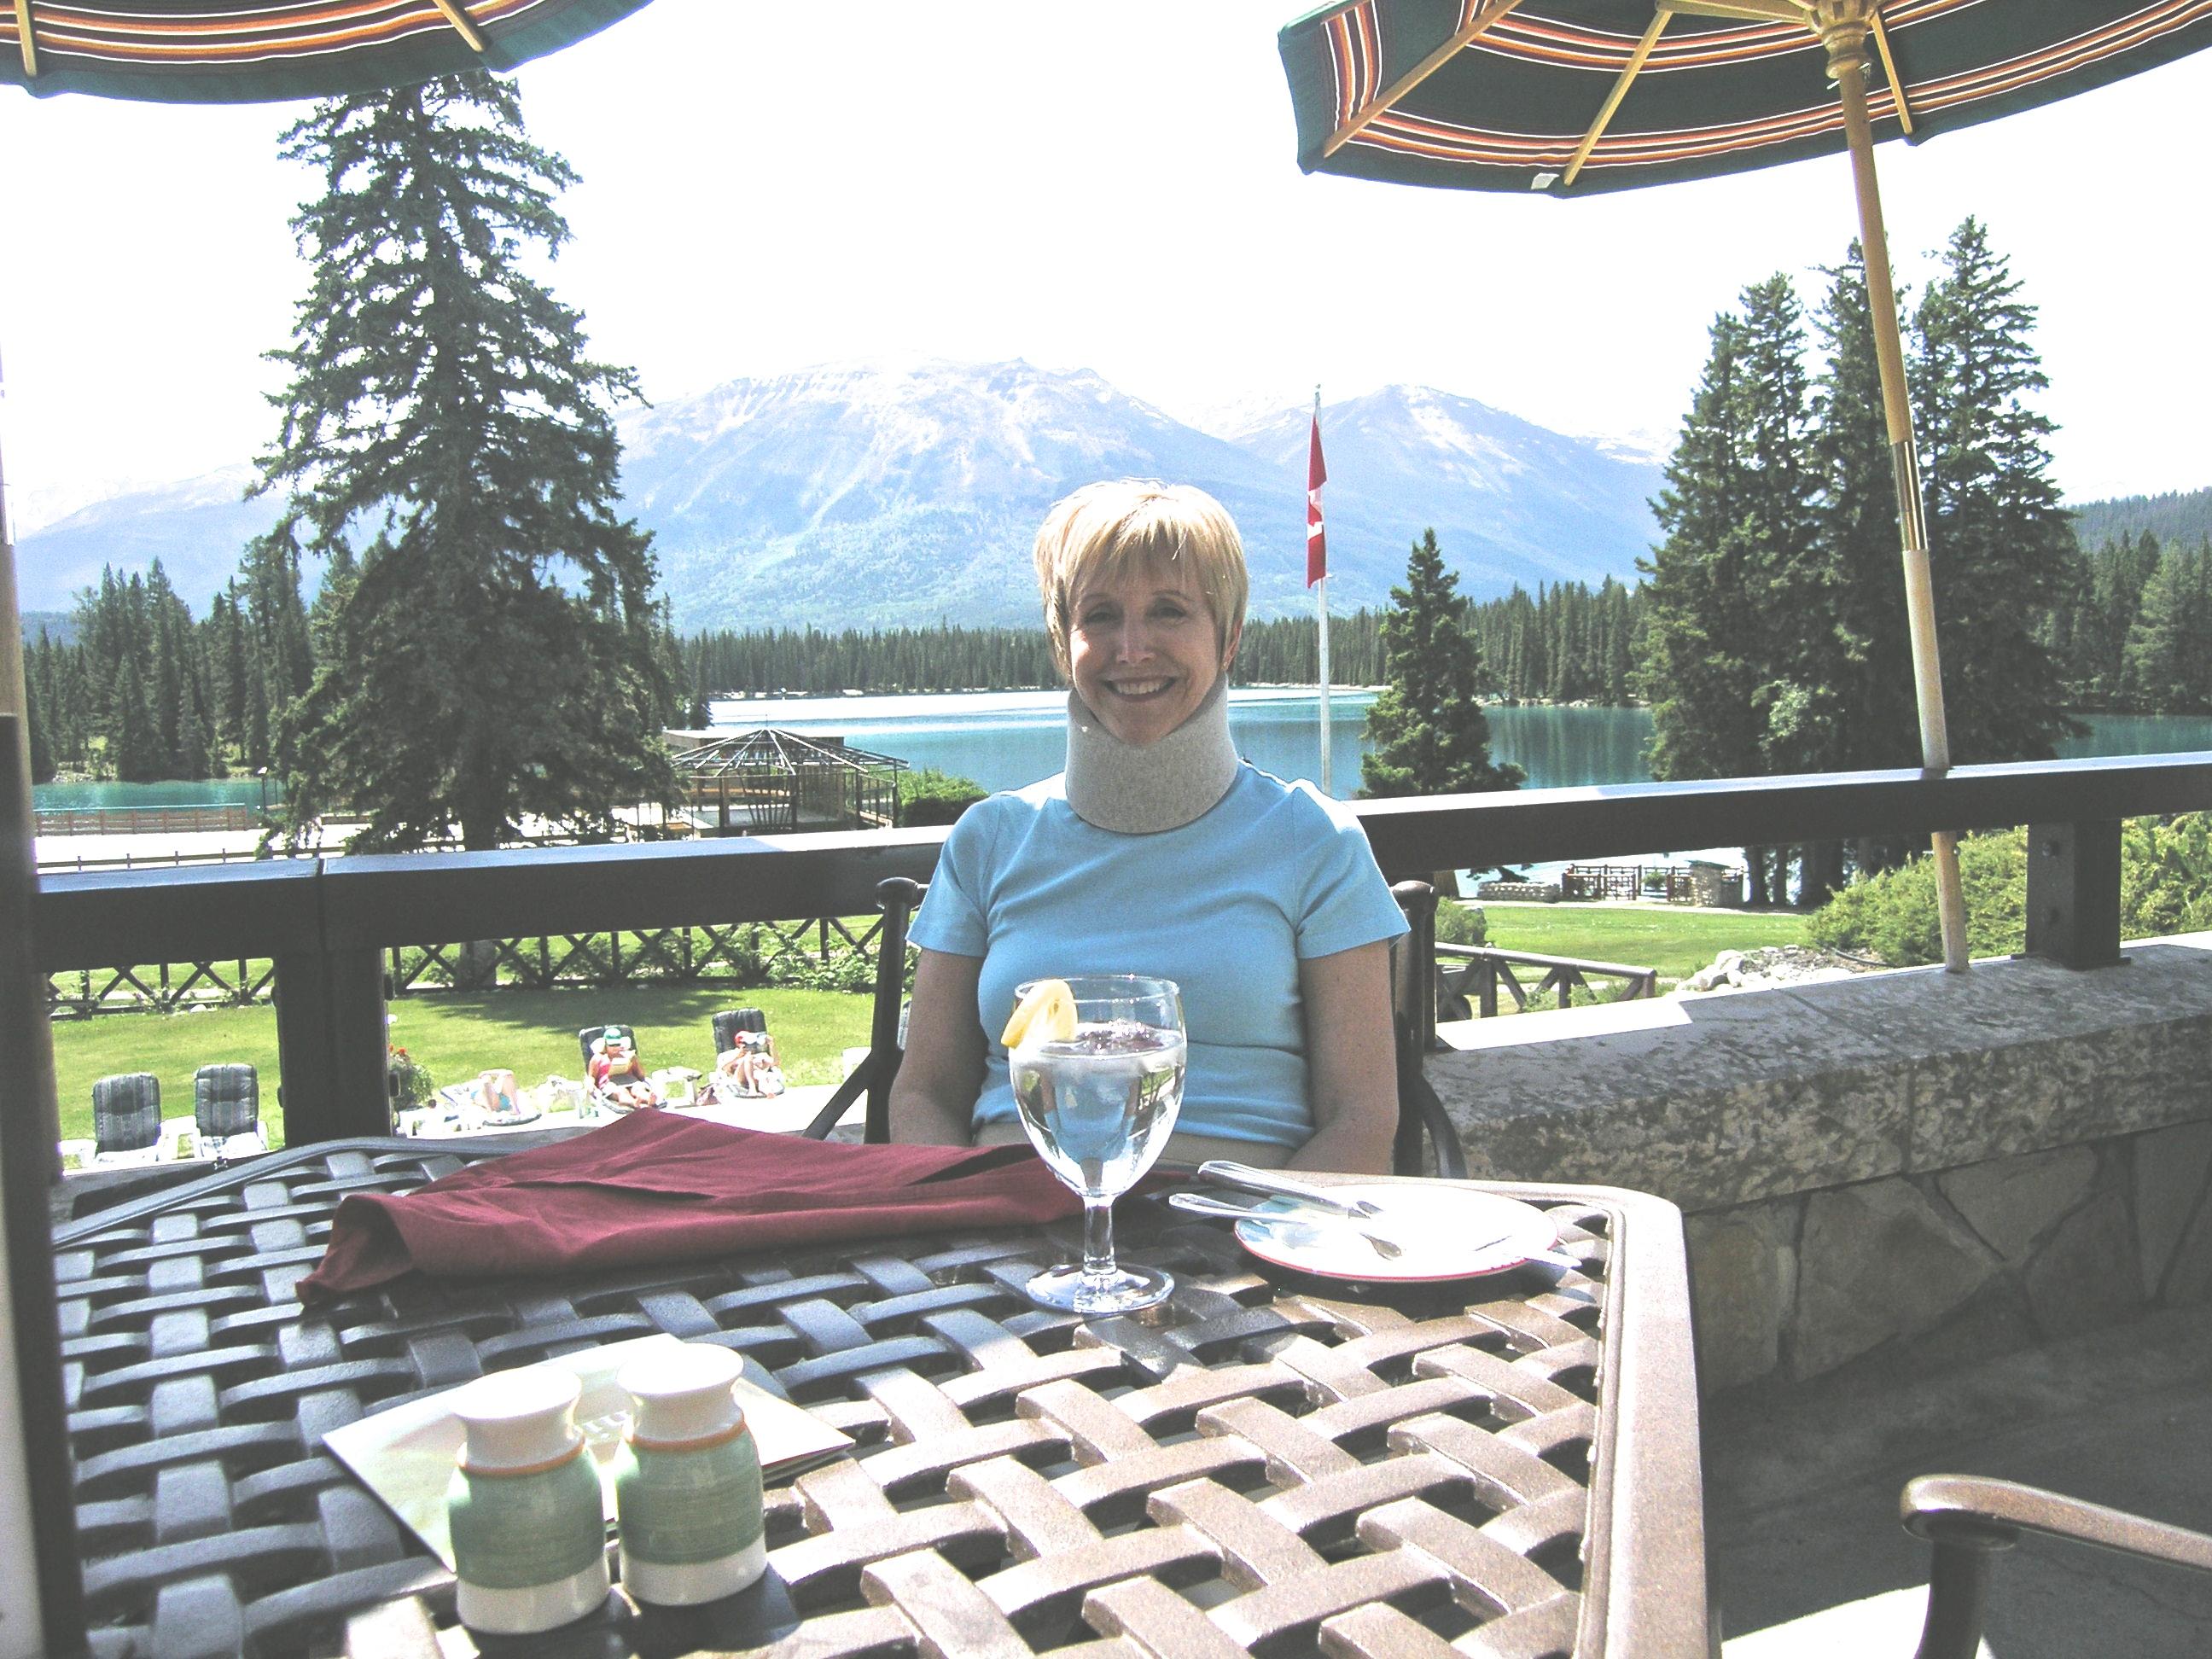 Blonde in a neck brace in Jasper Park, Canada